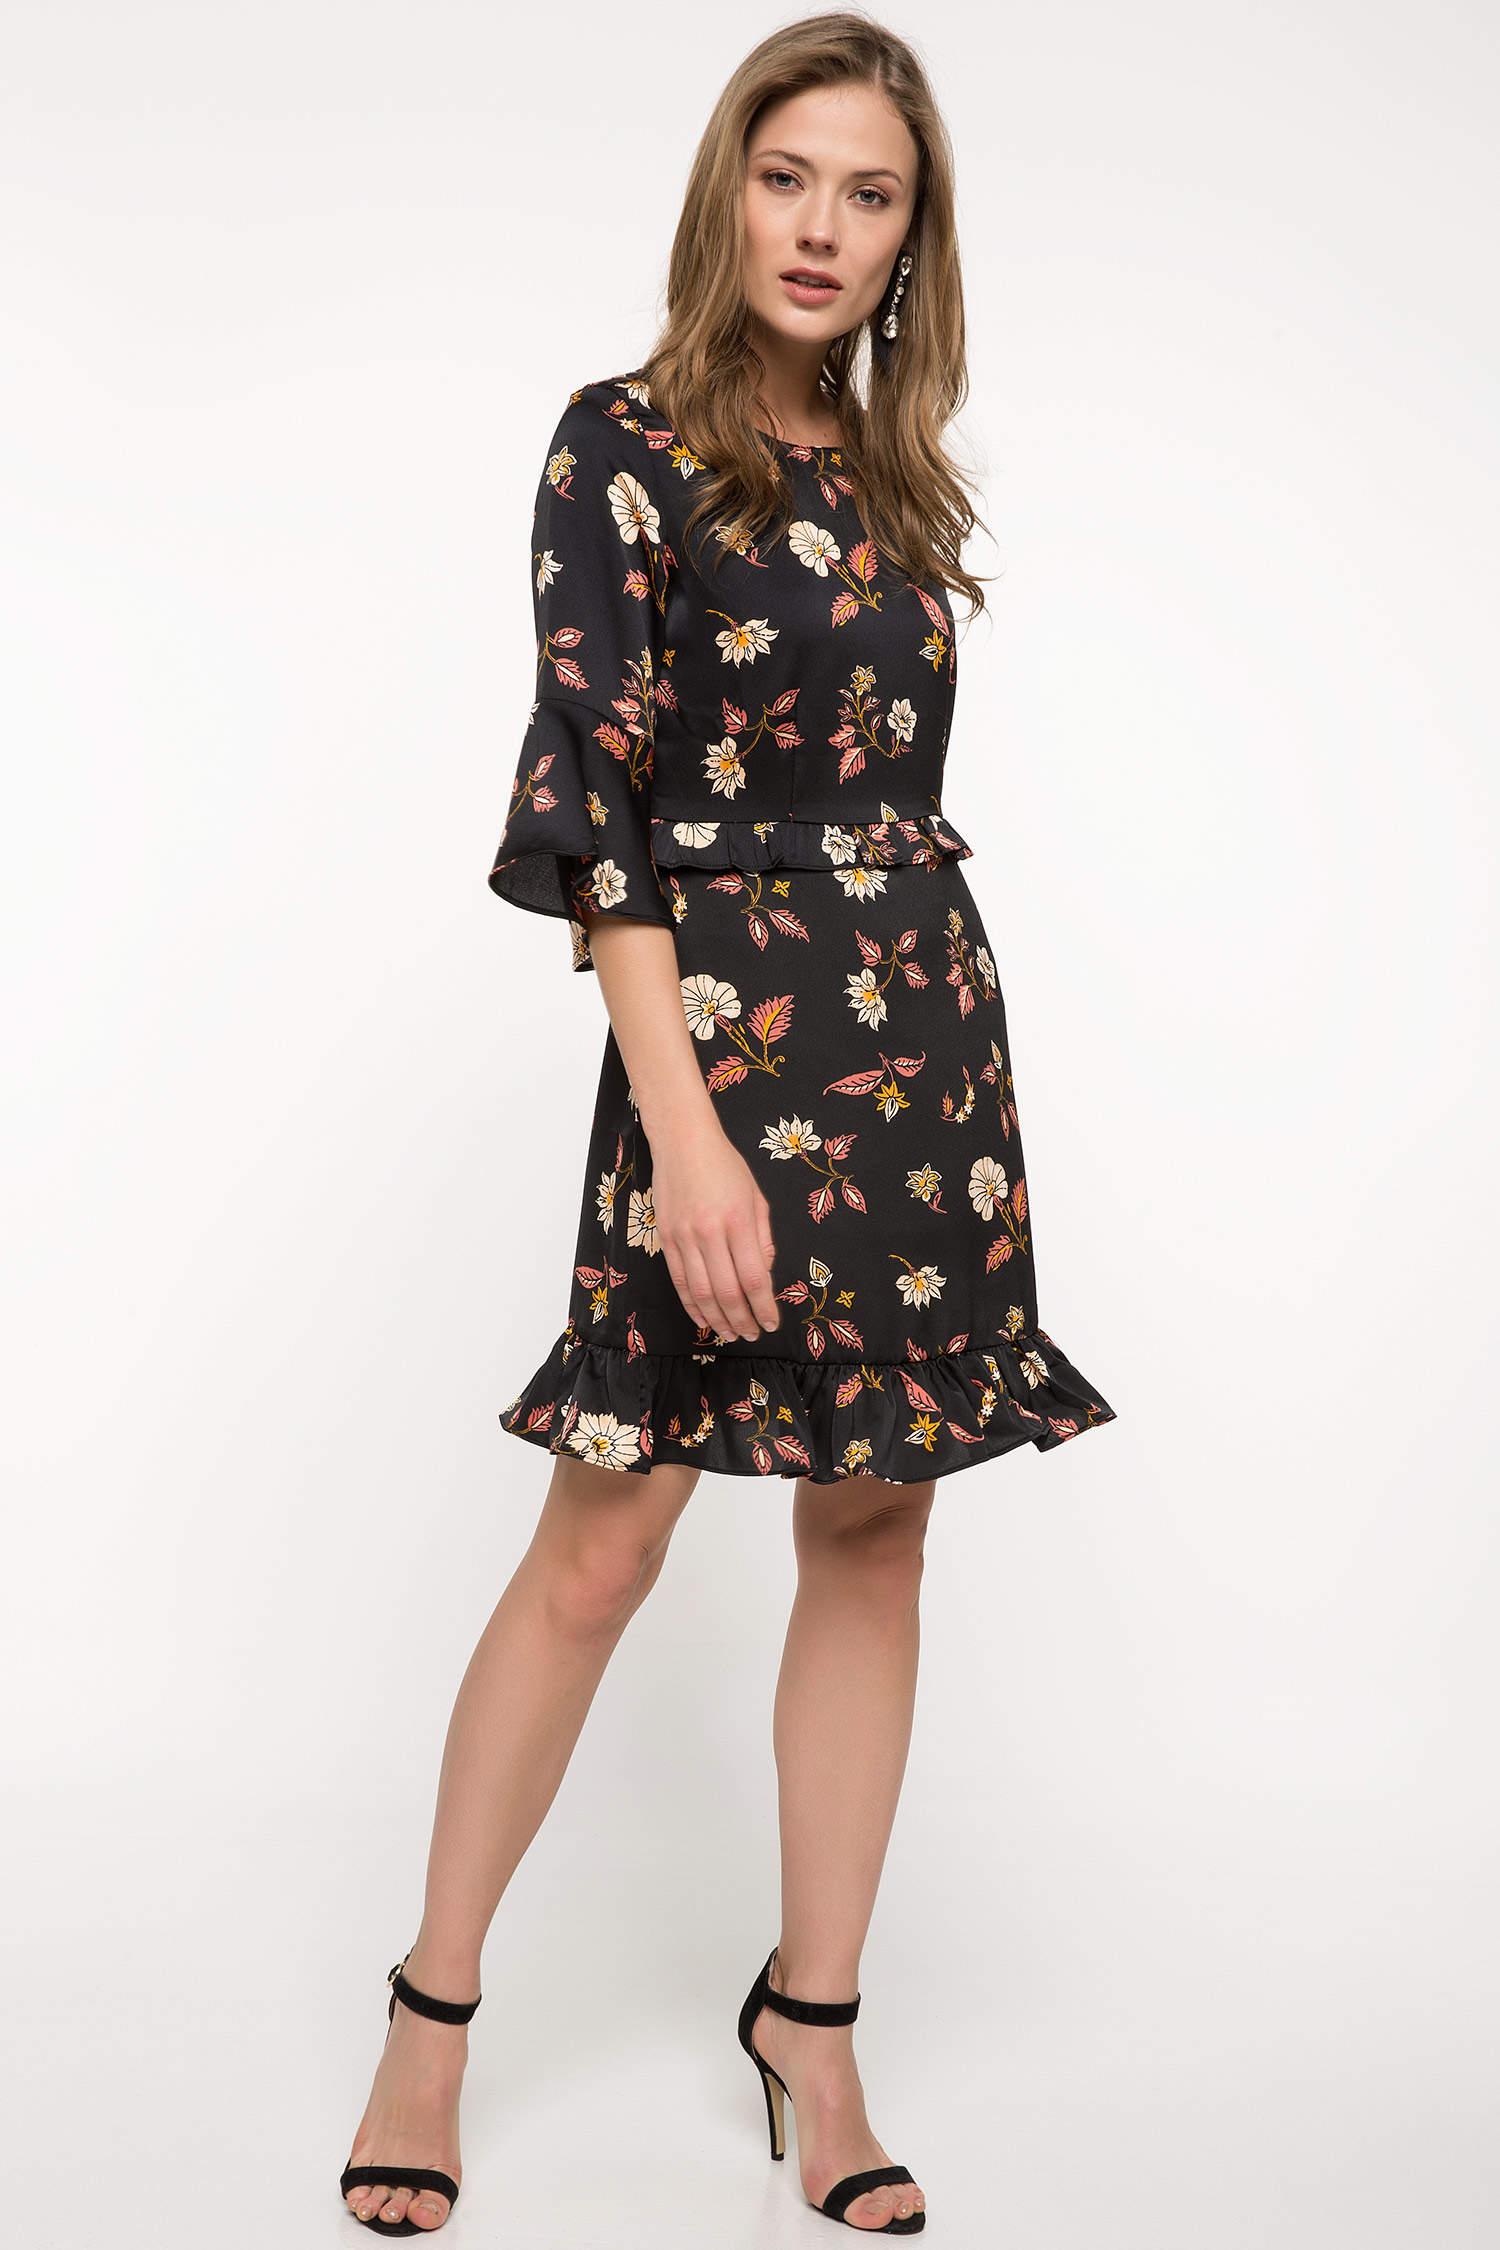 9d8584a13231e Siyah Kadın Çiçek Desenli Fırfır Detaylı Elbise 831507 | DeFacto